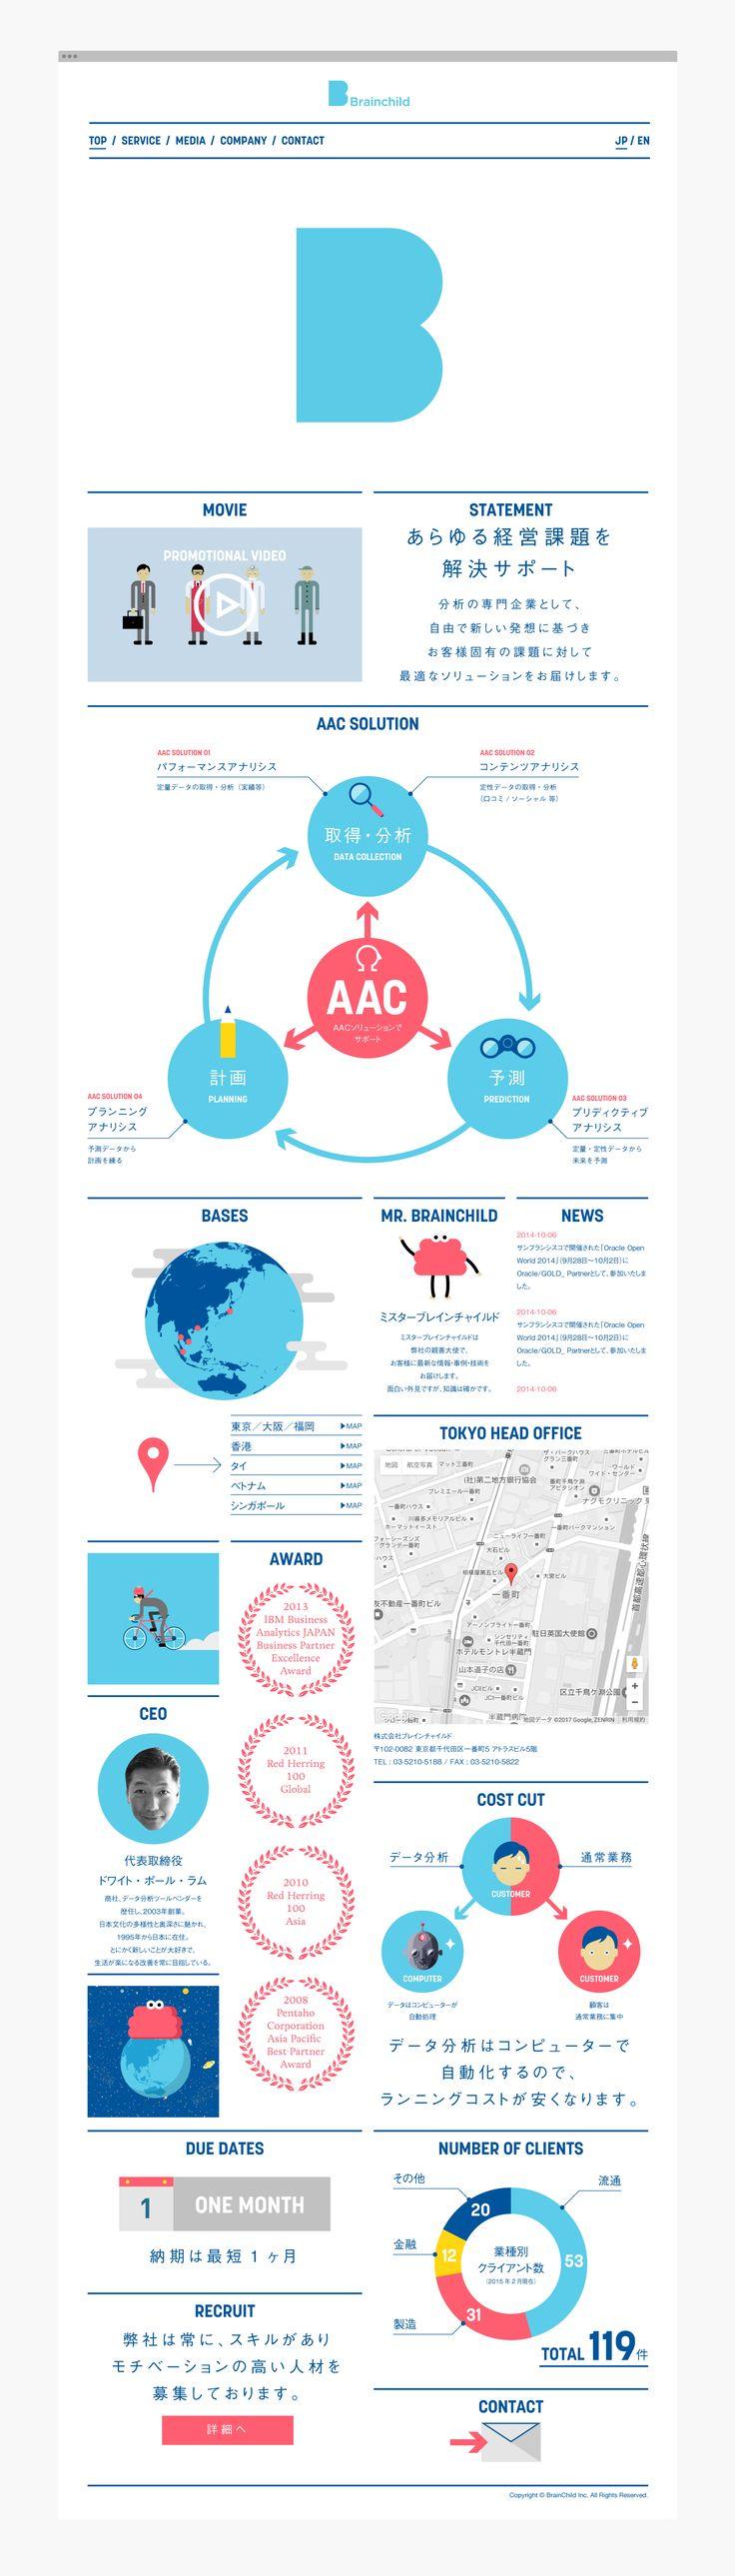 コンサルティング会社 「Brai child」のリニューアルロゴ、 WEBサイト、 プロモーションムービーを制作しました。 www.e- rai child.com